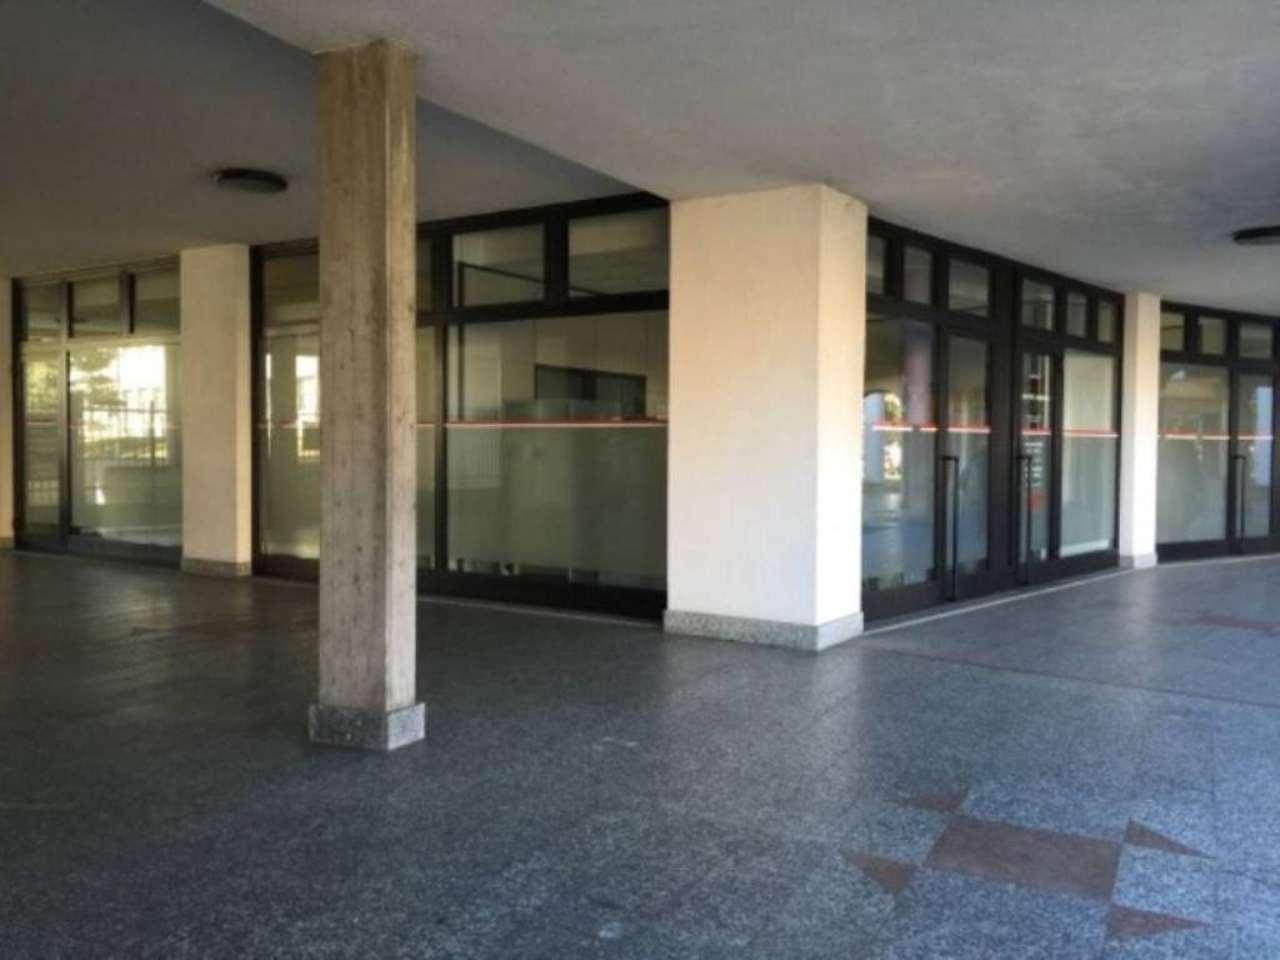 Negozio / Locale in affitto a Olgiate Olona, 6 locali, prezzo € 4.600 | Cambio Casa.it